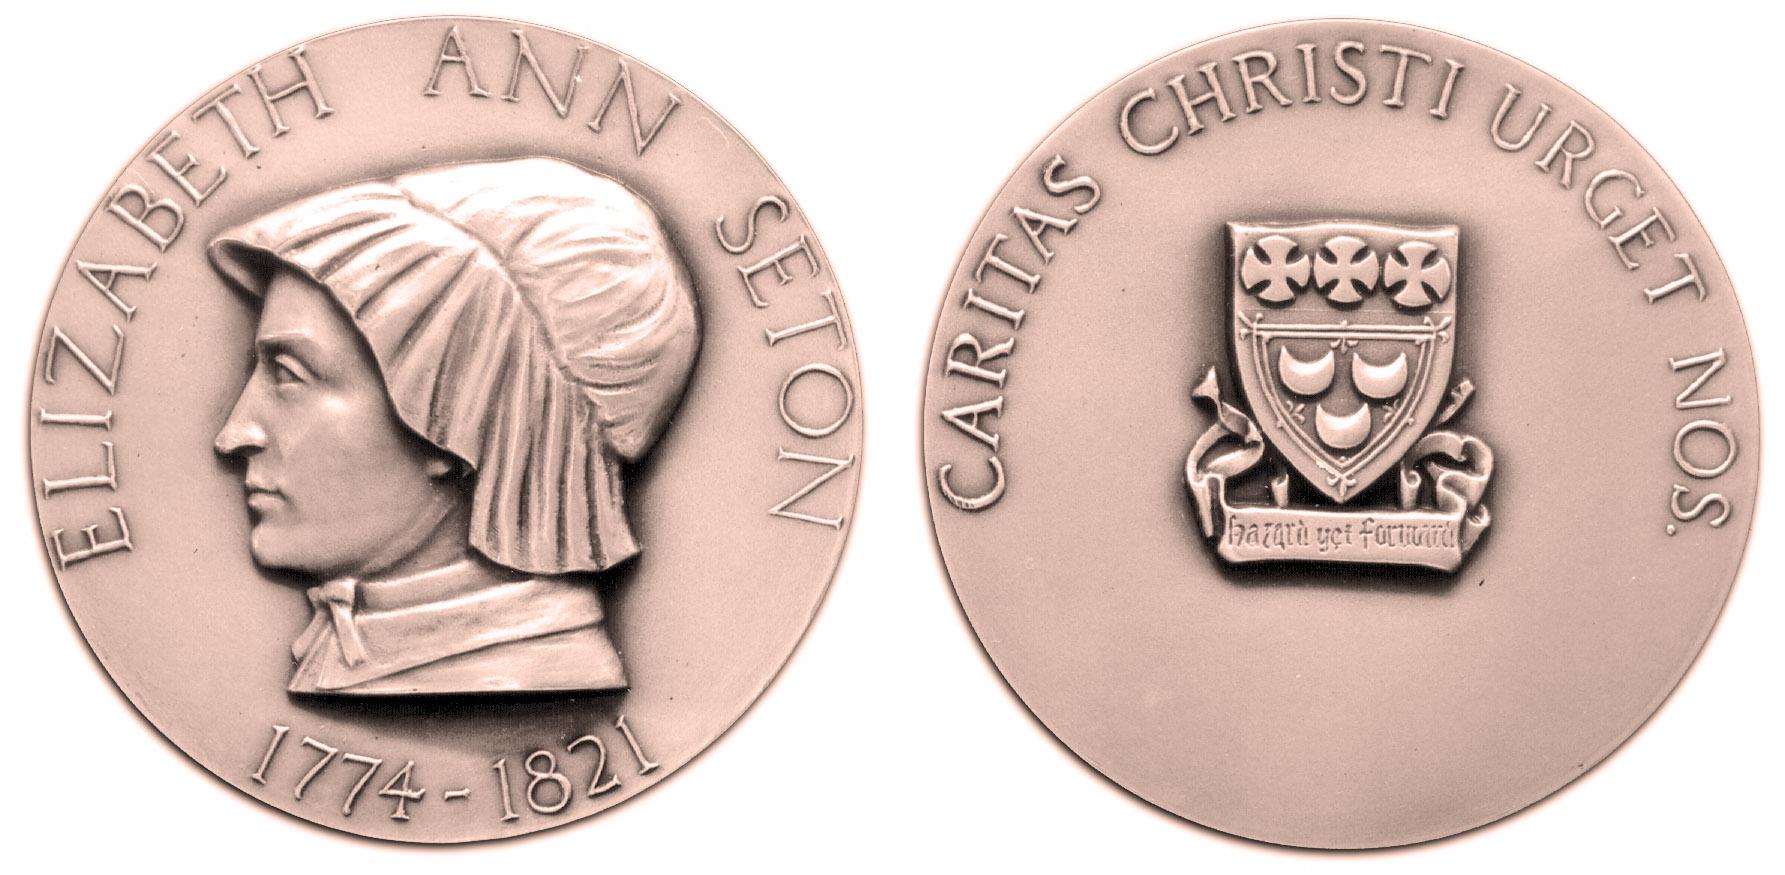 EAS Medal